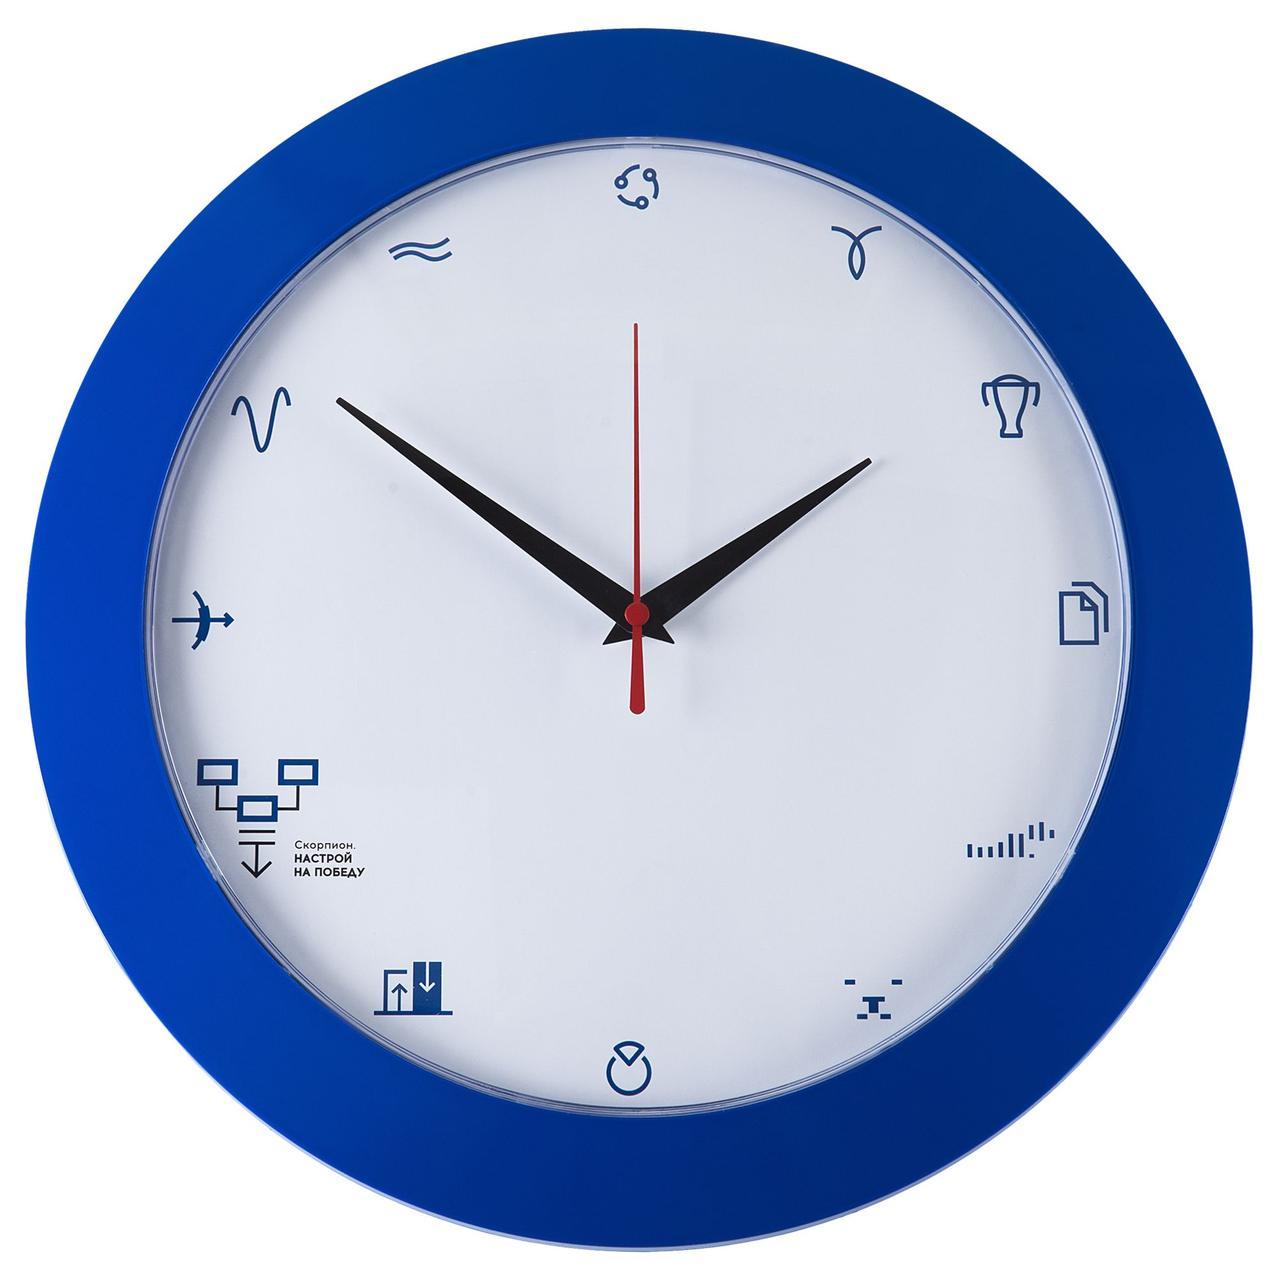 Часы настенные «Бизнес-зодиак. Скорпион»